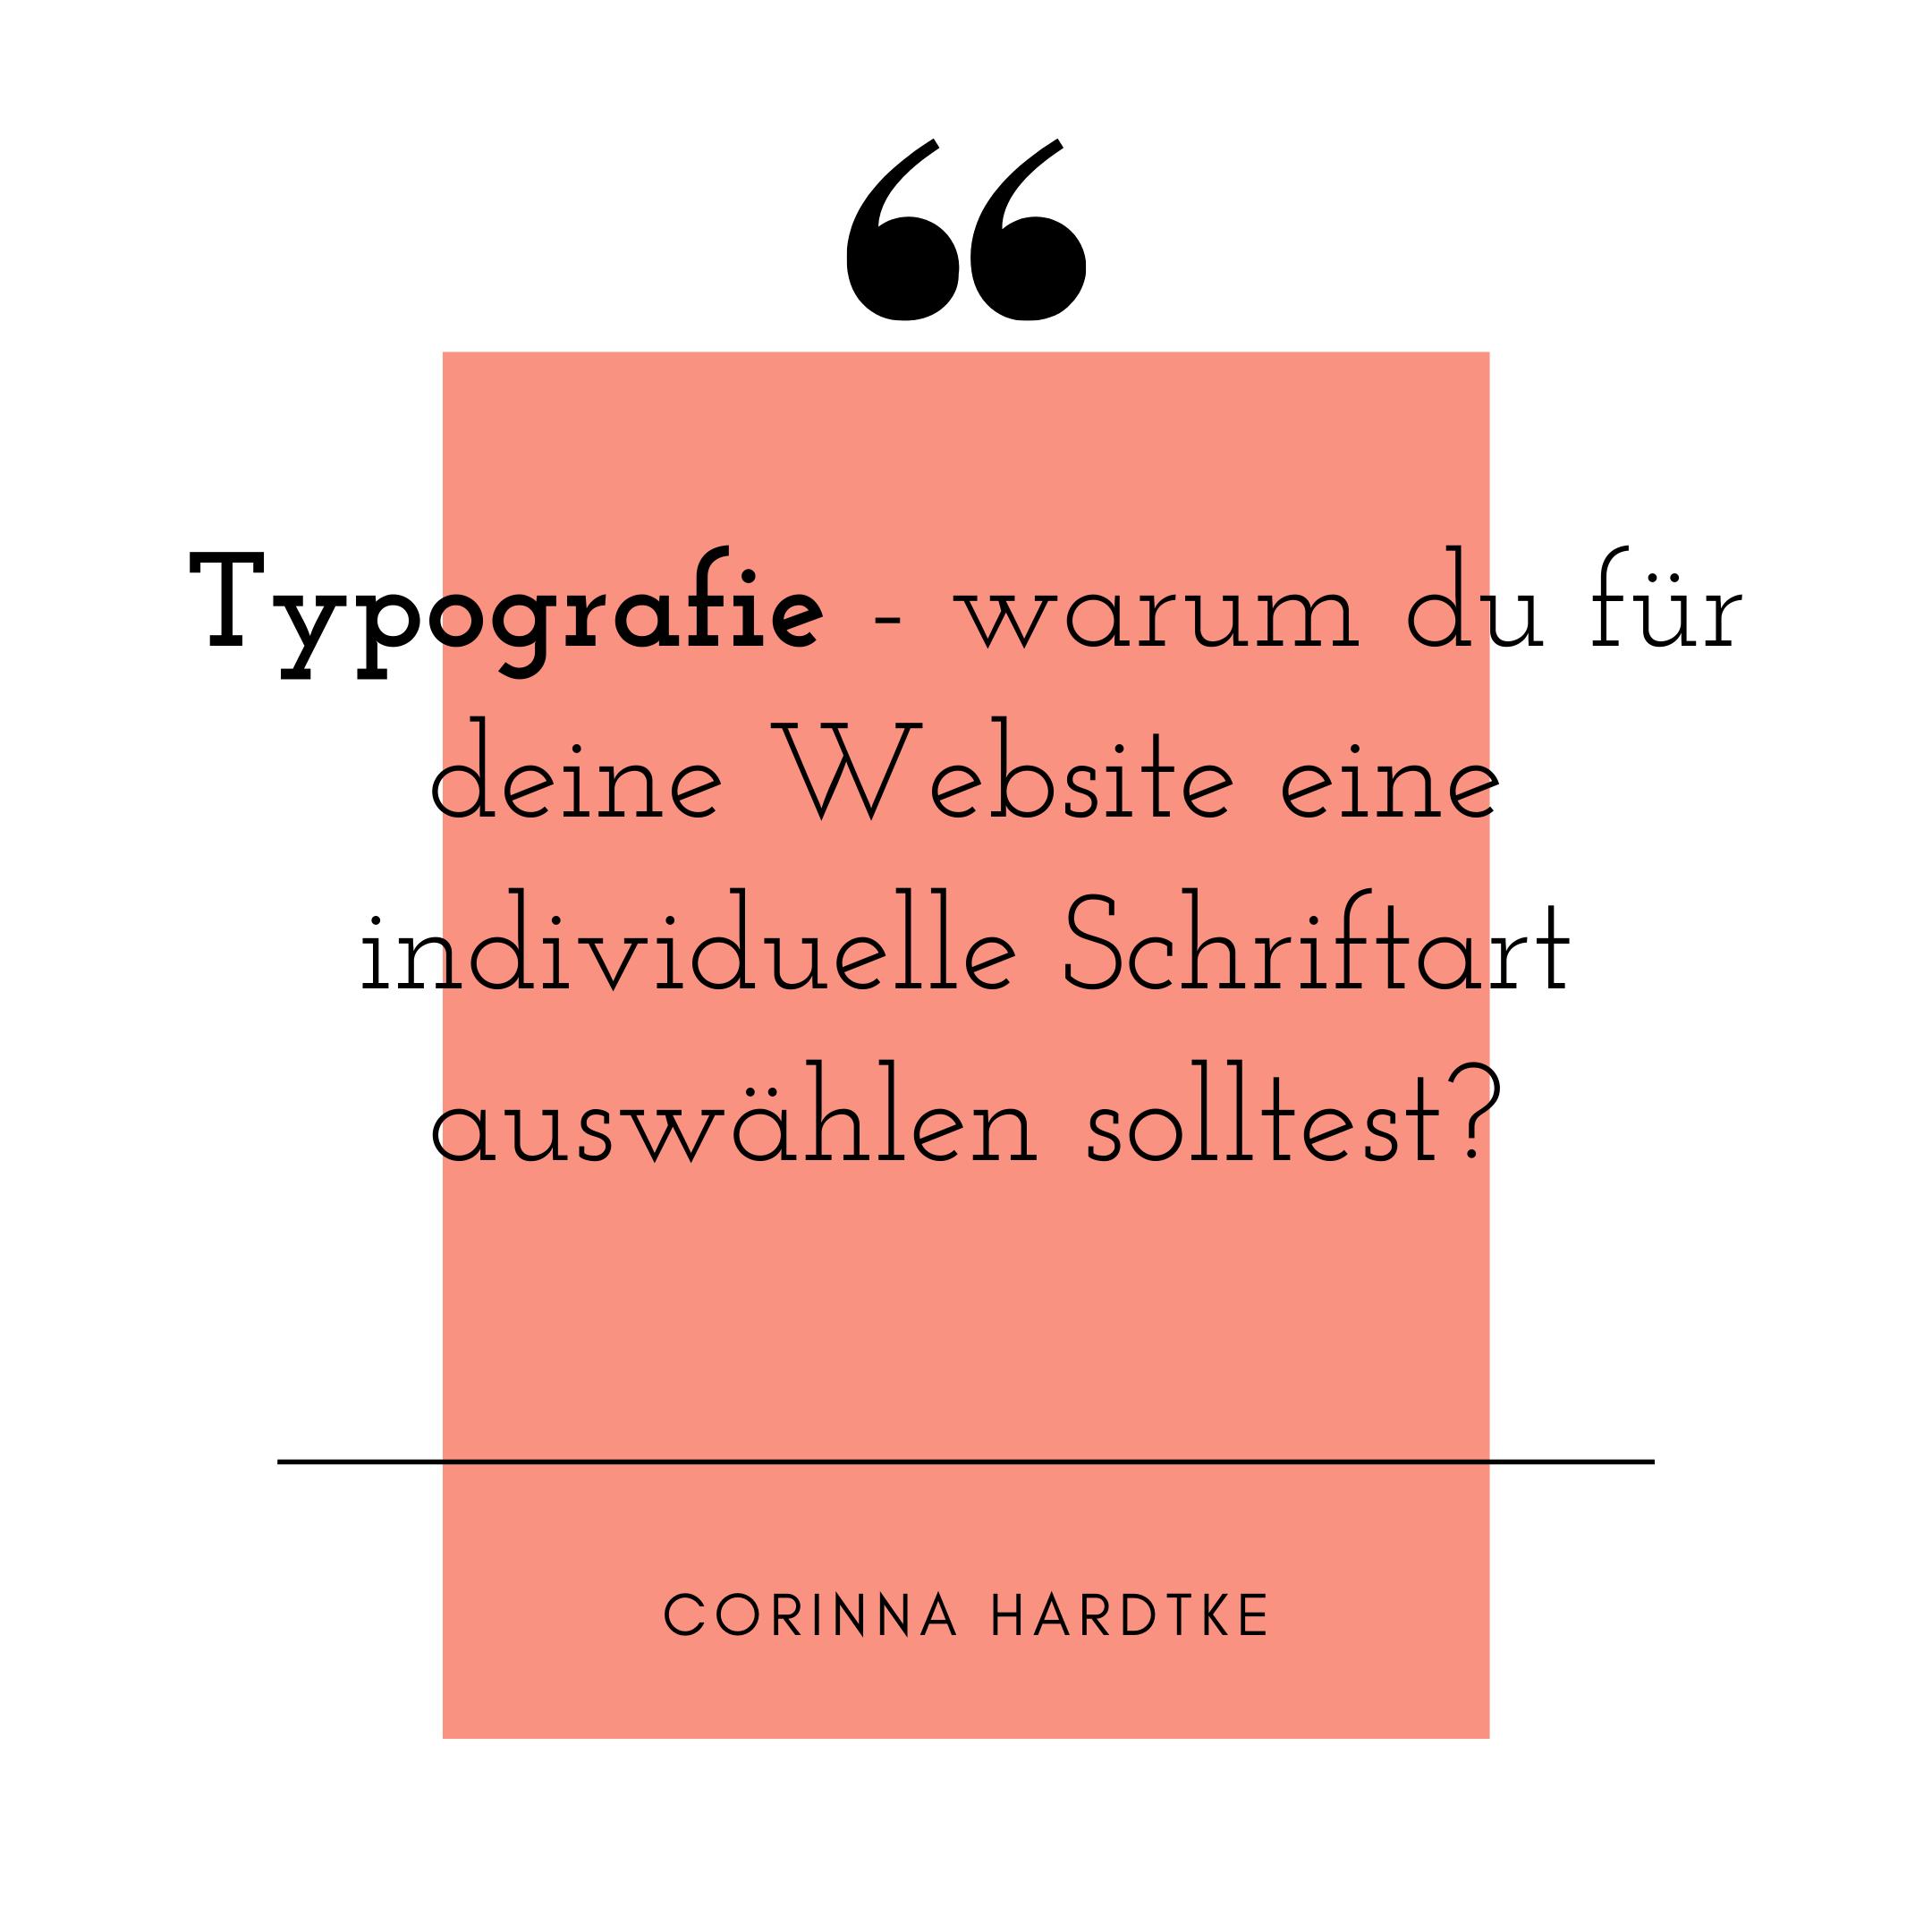 Blog Typografie Corinna Hardtke